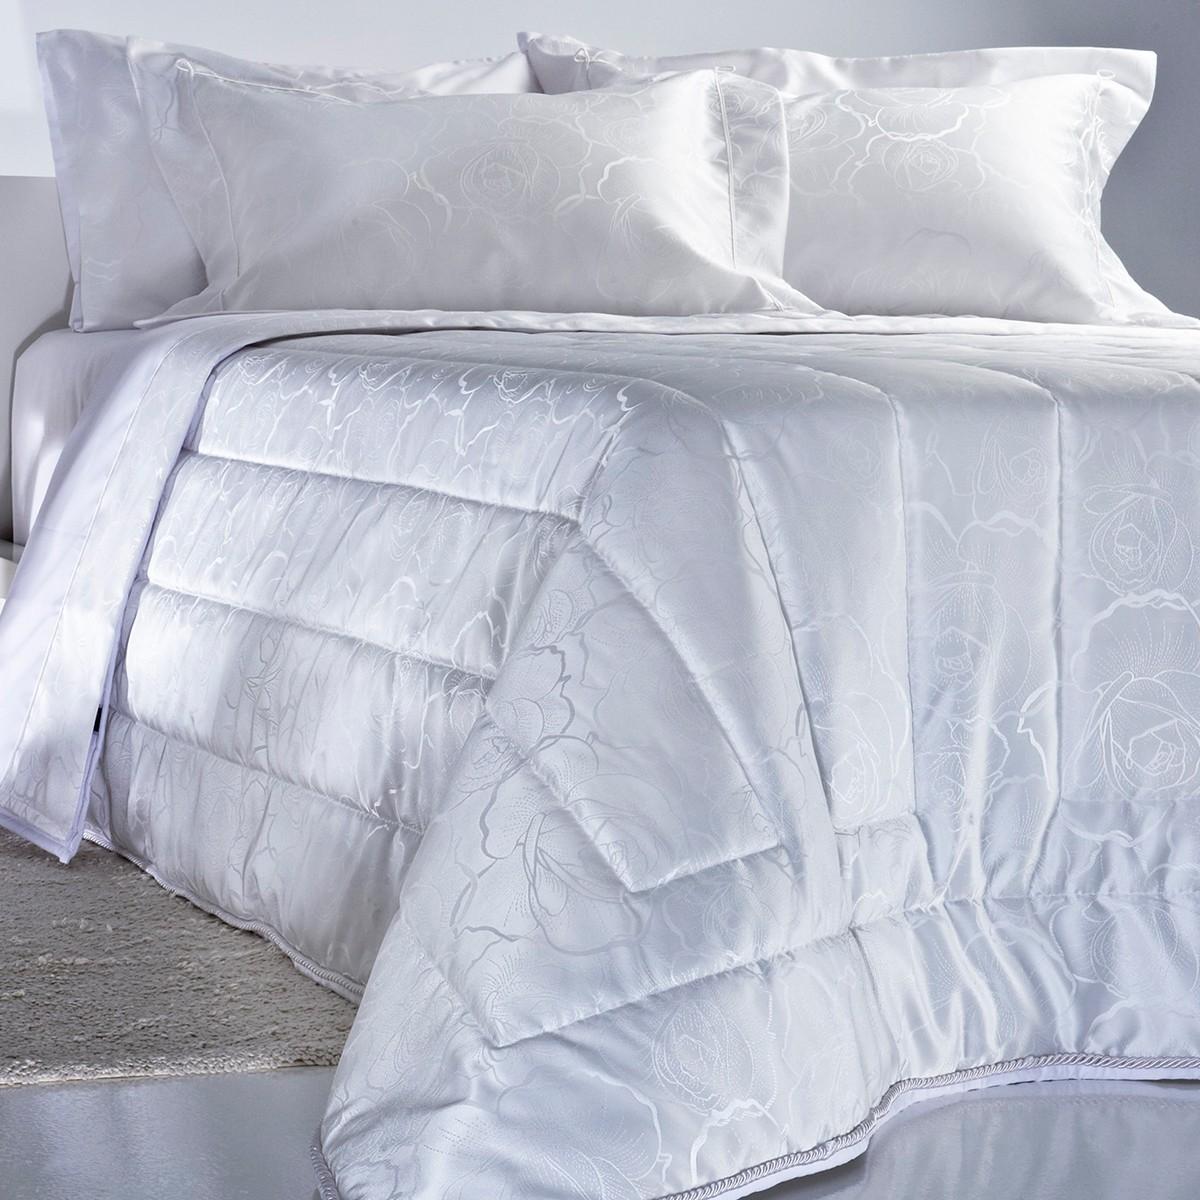 Νυφικά Σεντόνια (Σετ) Sb Concept Toscana White 34732